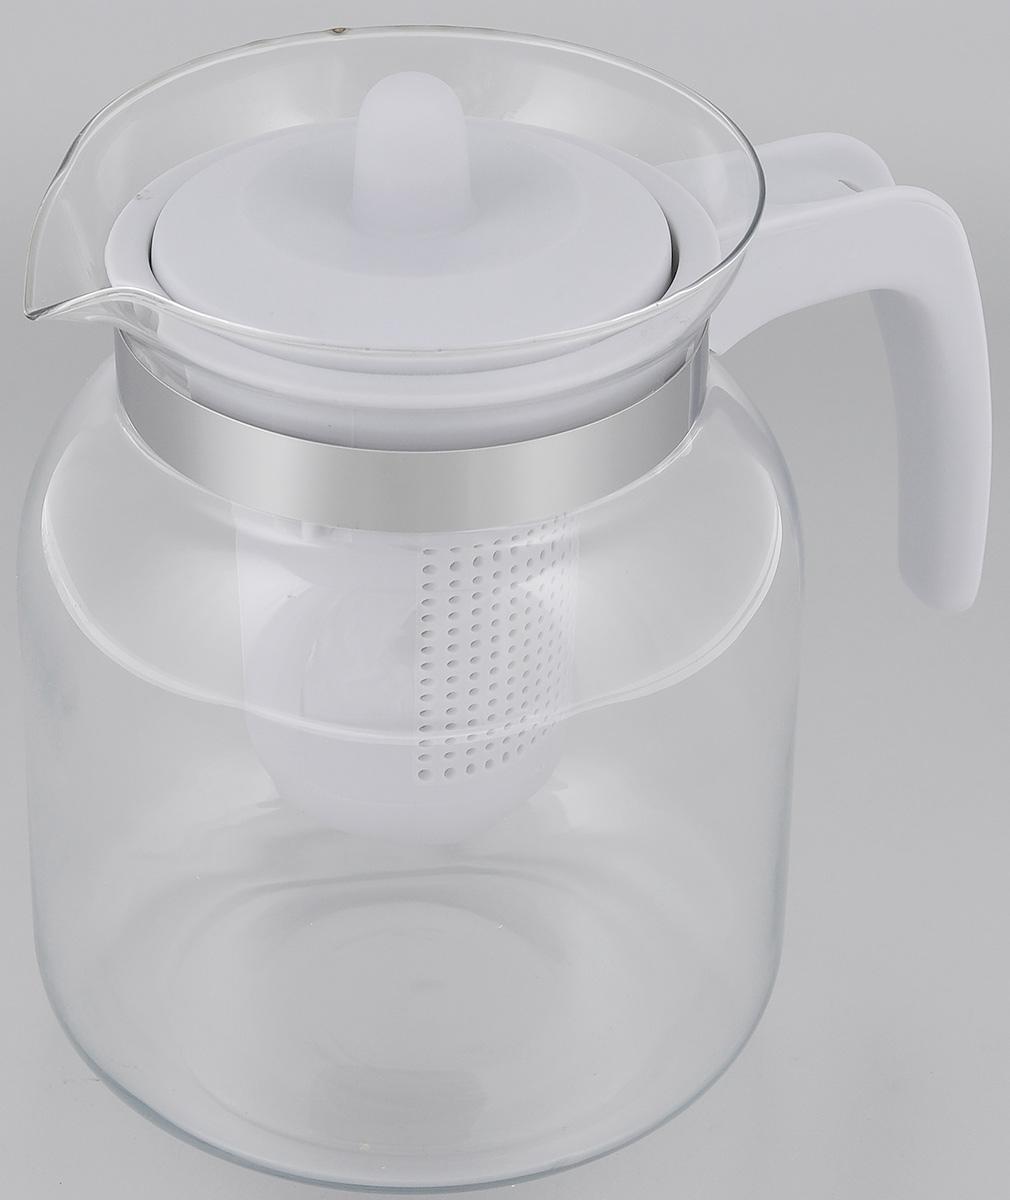 Чайник-кувшин Menu Чабрец, с фильтром, цвет: прозрачный, серый, 1,45 лCHZ-14_серЧайник-кувшин Menu Чабрец изготовлен из прочного стекла, которое выдерживает температуру до 100 °C. Он прекрасно подойдет для заваривания чая и травяных настоев. Классический стиль и оптимальный объем делают чайник удобным и оригинальным аксессуаром, который прекрасно подойдет для ежедневного использования. Ручка изделия выполнена из пищевого пластика, она не нагревается и обеспечивает безопасность использования. Благодаря съемному ситечку и оптимальной форме колбы, чайник- кувшин Menu Чабрец идеально подходит для использования его в качестве кувшина для воды и прохладительных напитков. Диаметр чайника по верхнему краю: 10,3 см. Общий диаметр чайника: 11 см. Высота чайника (без учета ручки и крышки): 15,6 см. Высота чайника (с учетом ручки и крышки): 17 см.